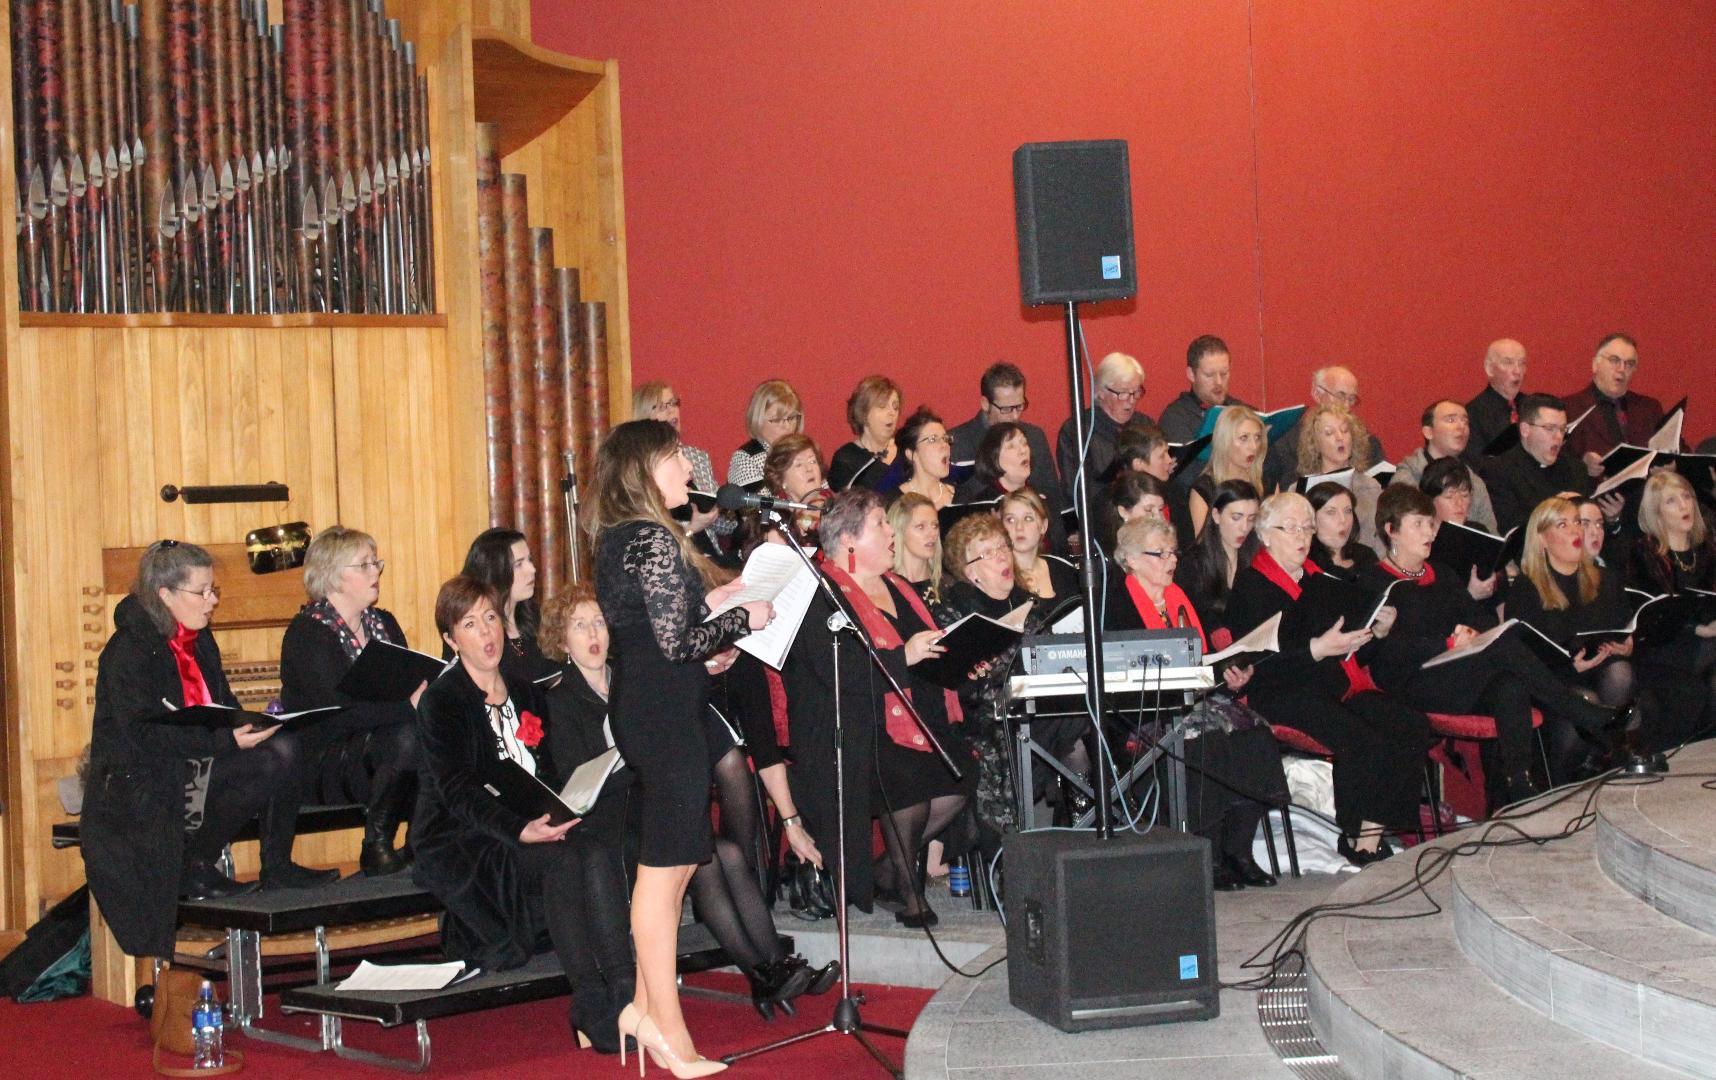 New choir rehearsal tonight – Boyle Today   Your News ...